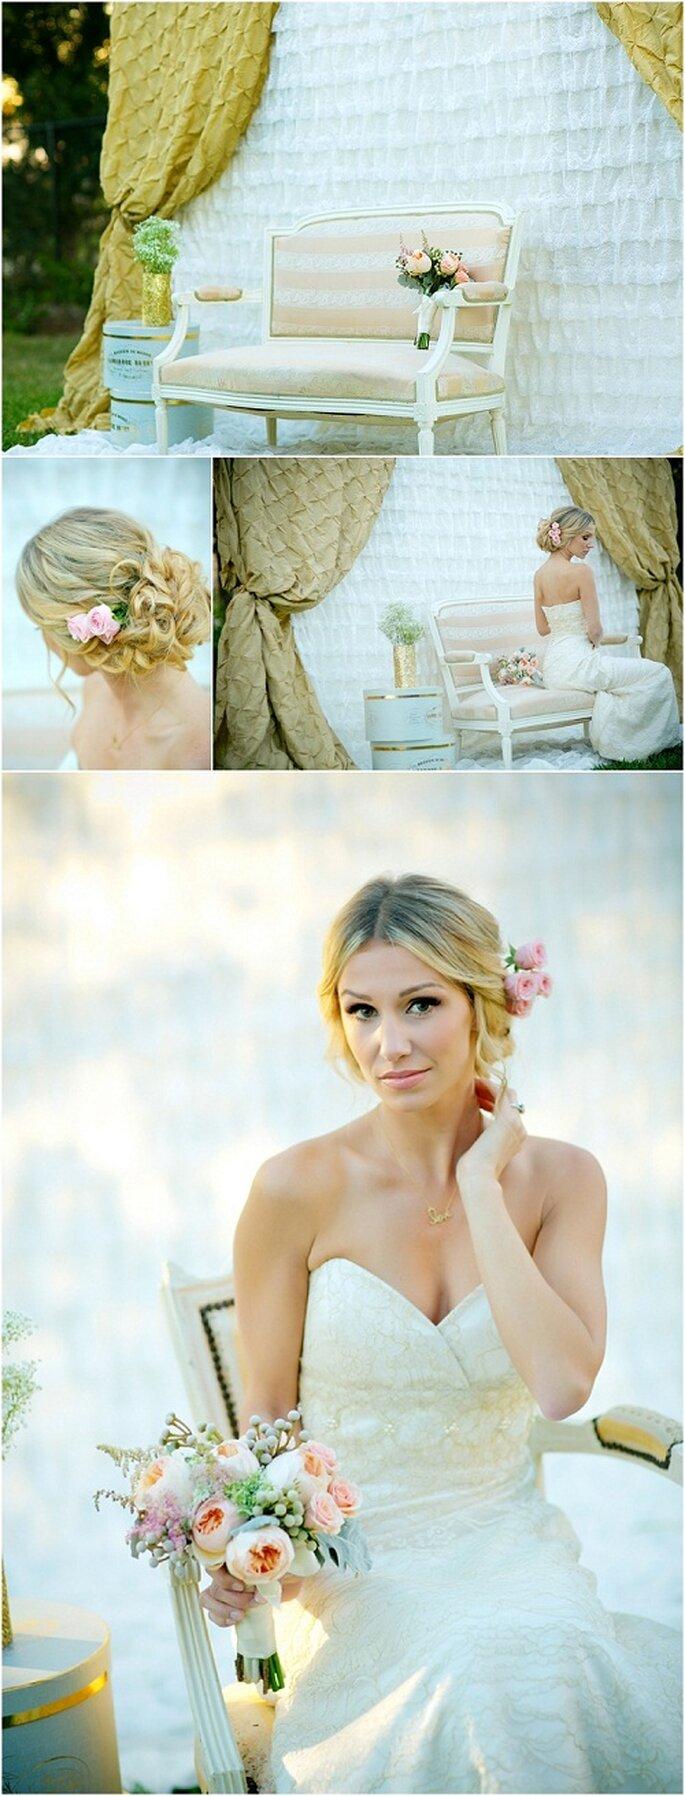 Escenario para fotos de boda con colores dorado y rosa claro - Foto: Set Free Photography